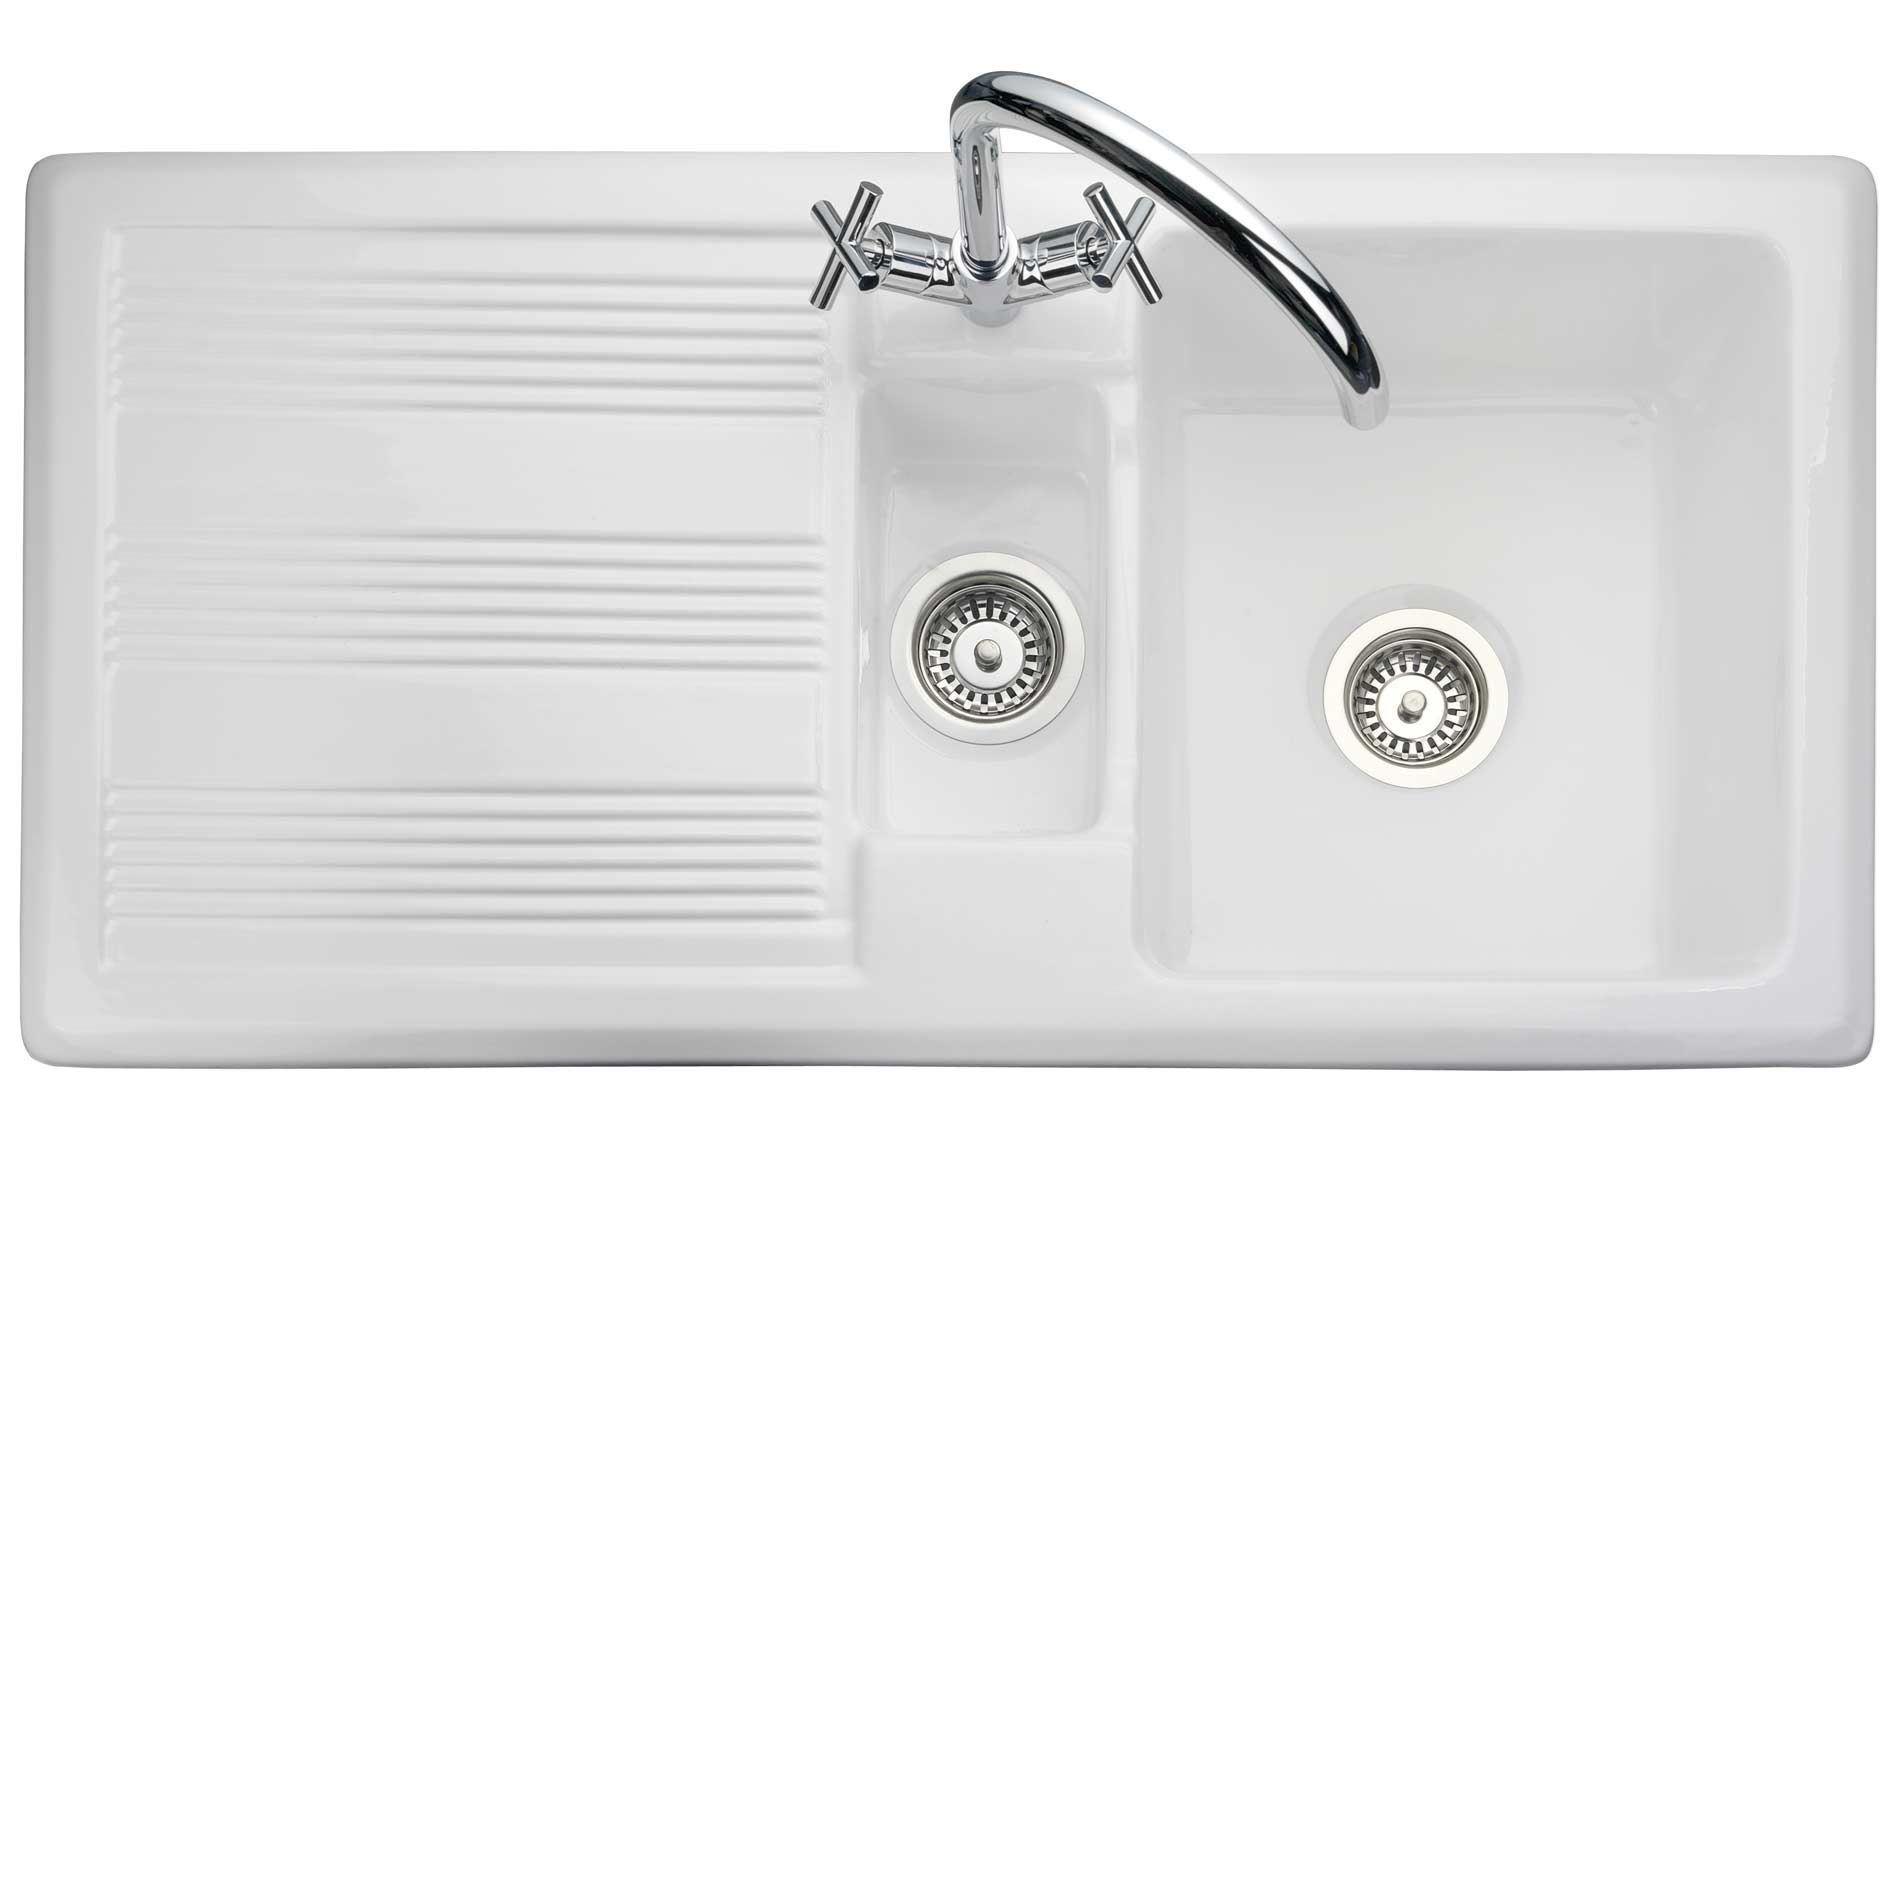 Rangemaster: Portland CPL10102WH Ceramic Sink - Kitchen Sinks & Taps